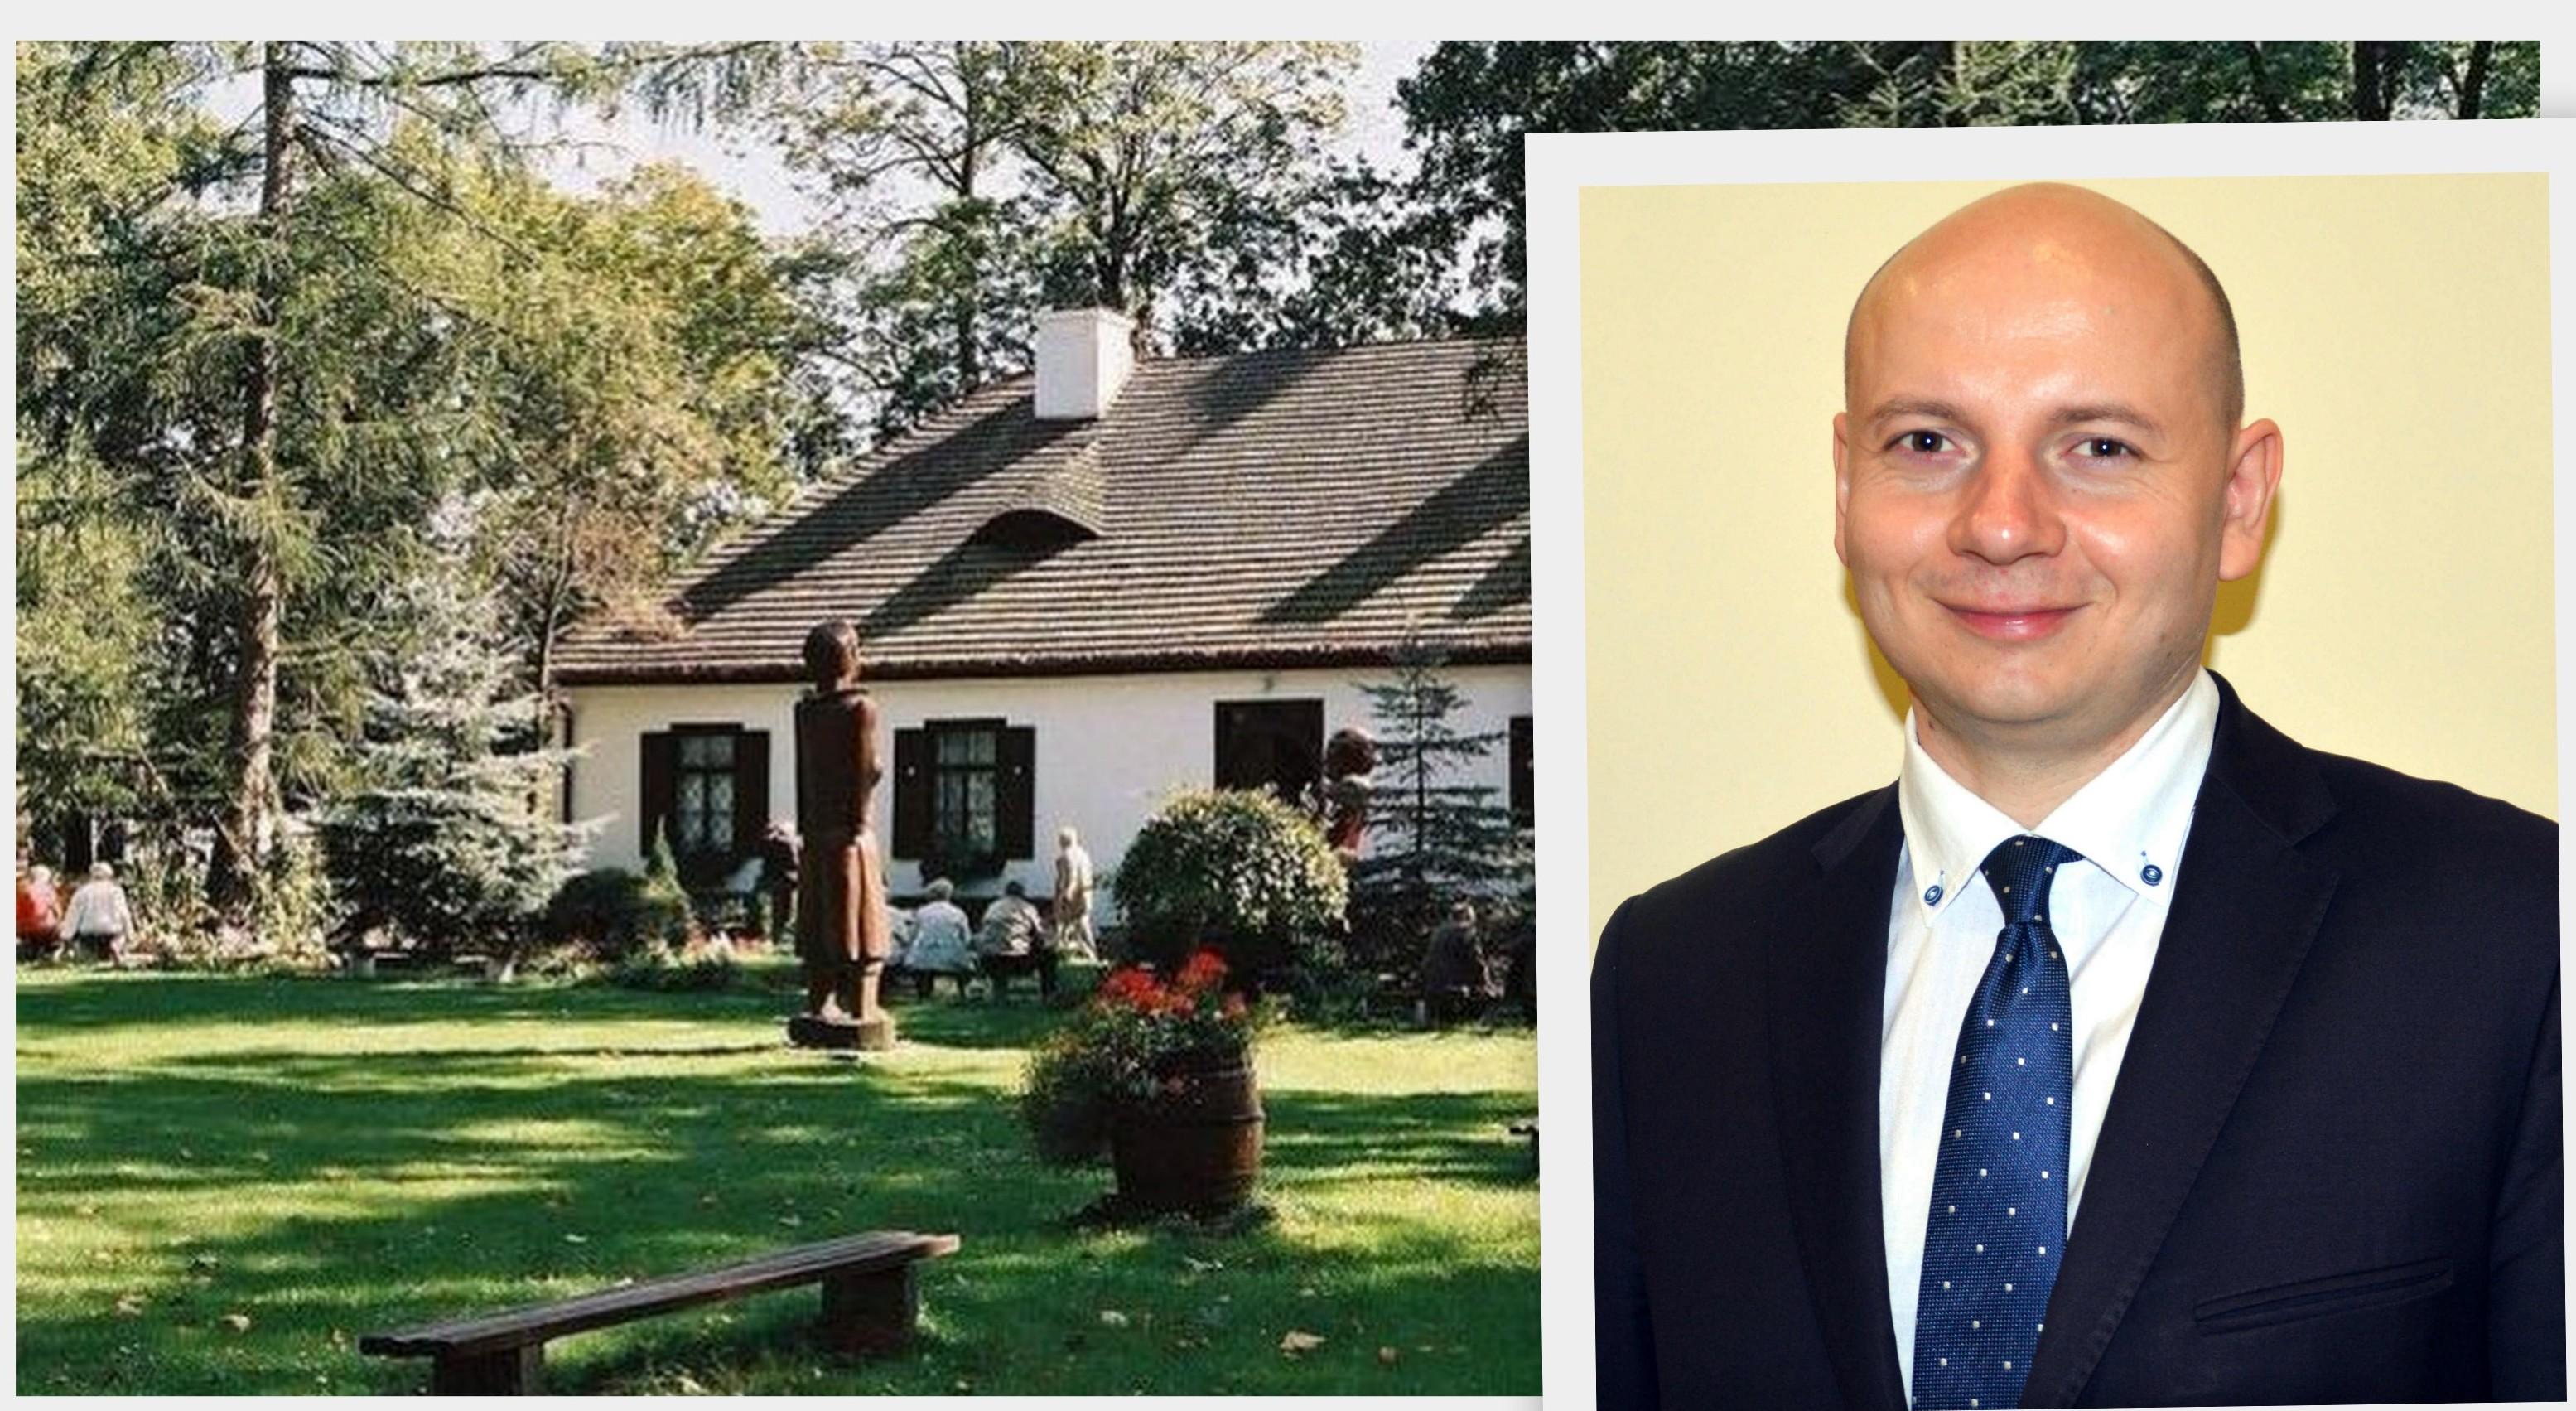 Sąd podtrzymuje postanowienie prokuratury: Maciej Cybulski, były dyrektor Muzeum Sienkiewicza bez zarzutów - Zdjęcie główne